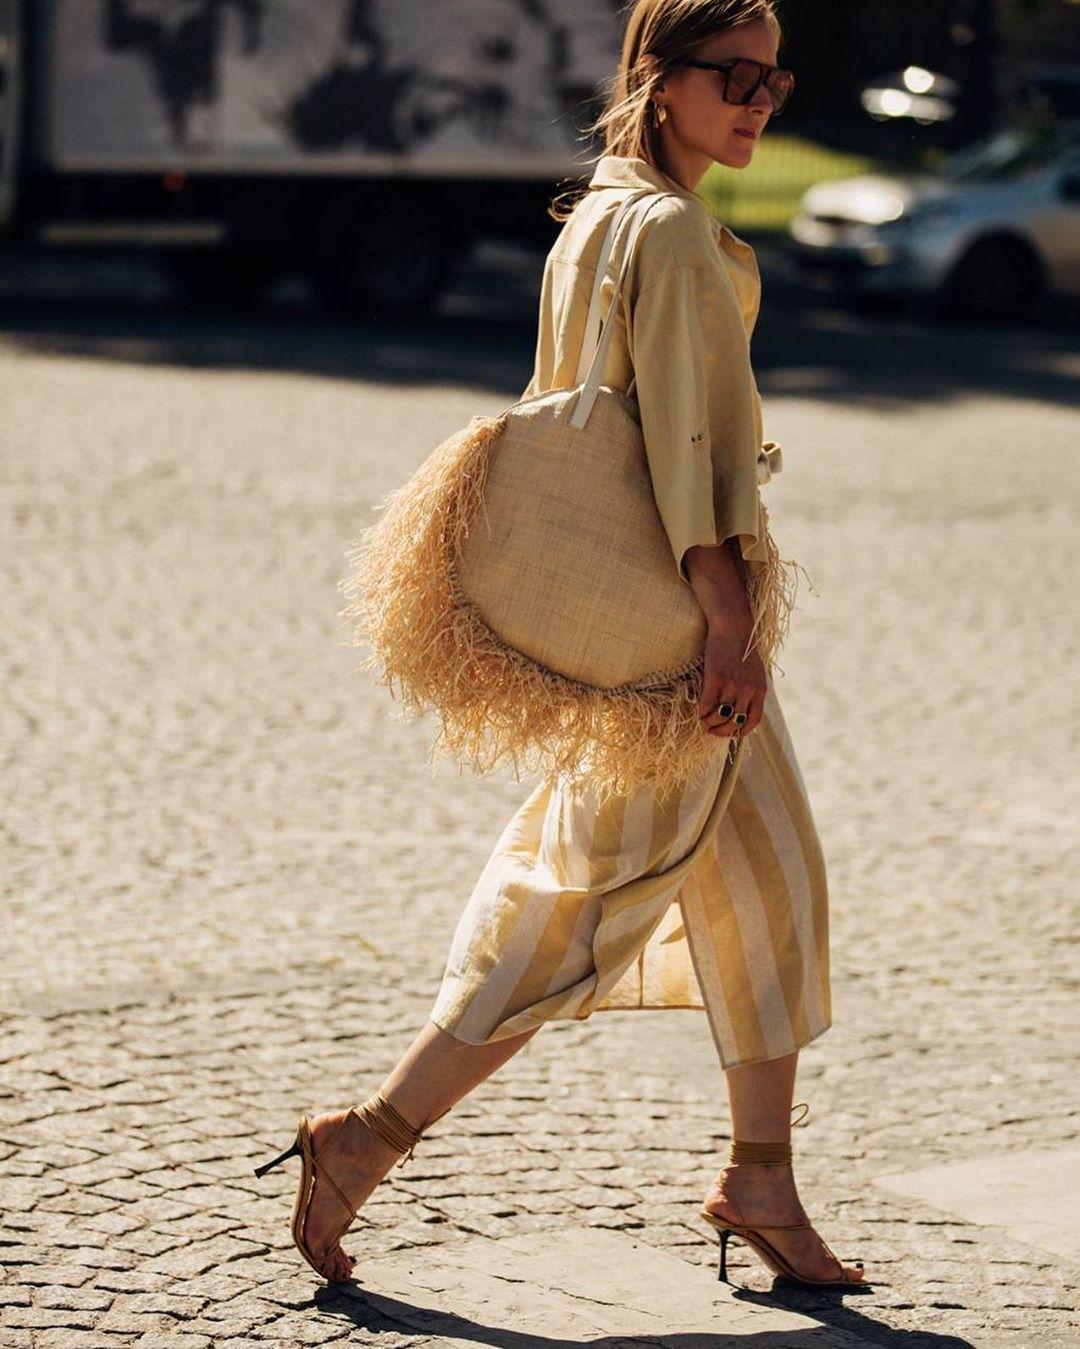 bag shoulder bag sandals midi dress striped dress